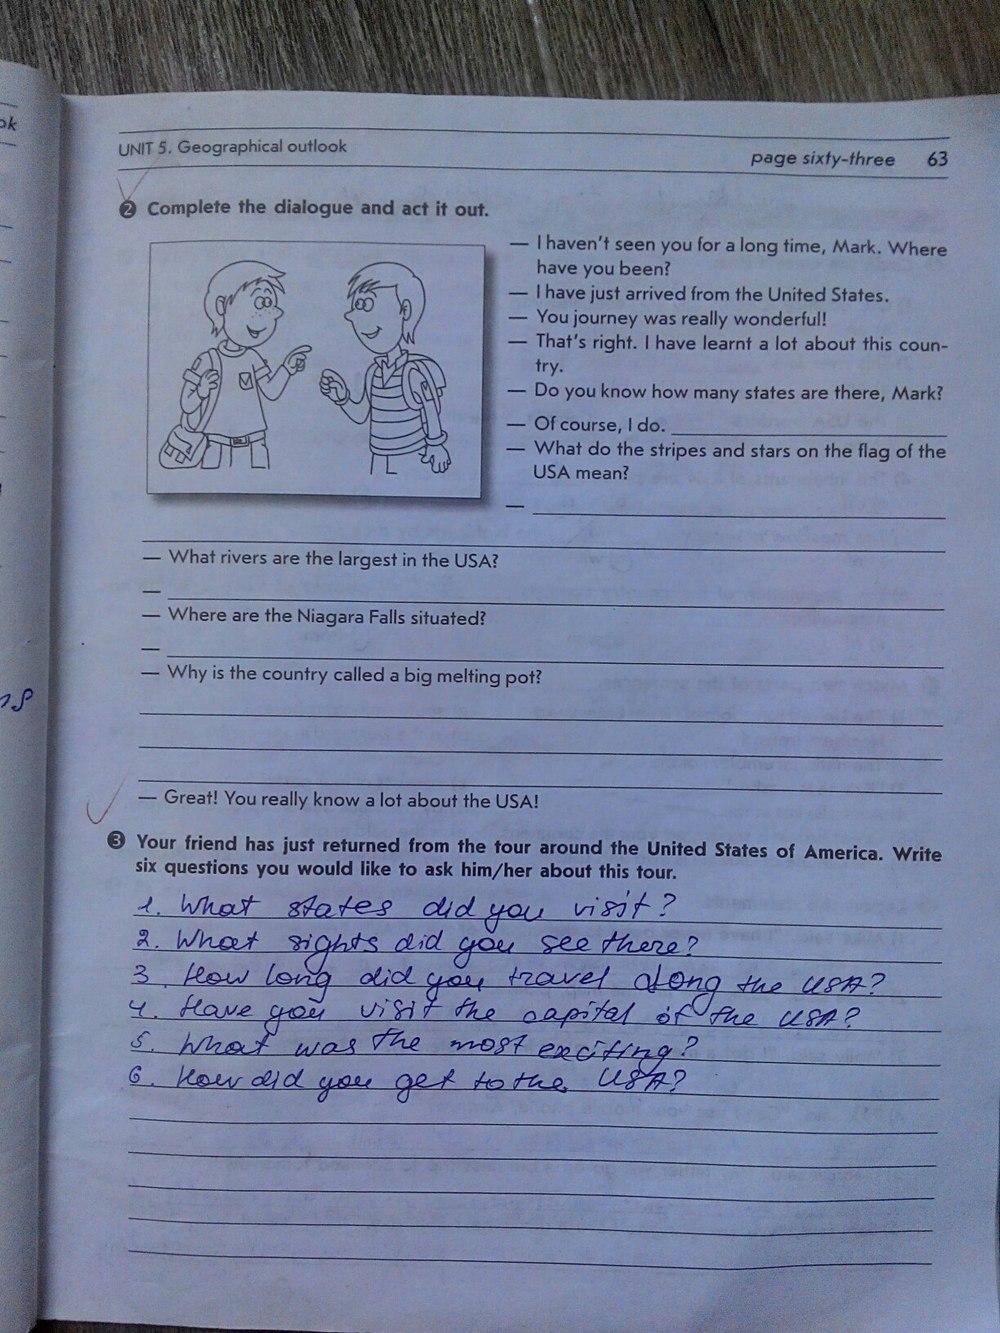 ГДЗ відповіді робочий зошит по английскому языку 8 класс О.М. Павліченко. Задание: стр. 63